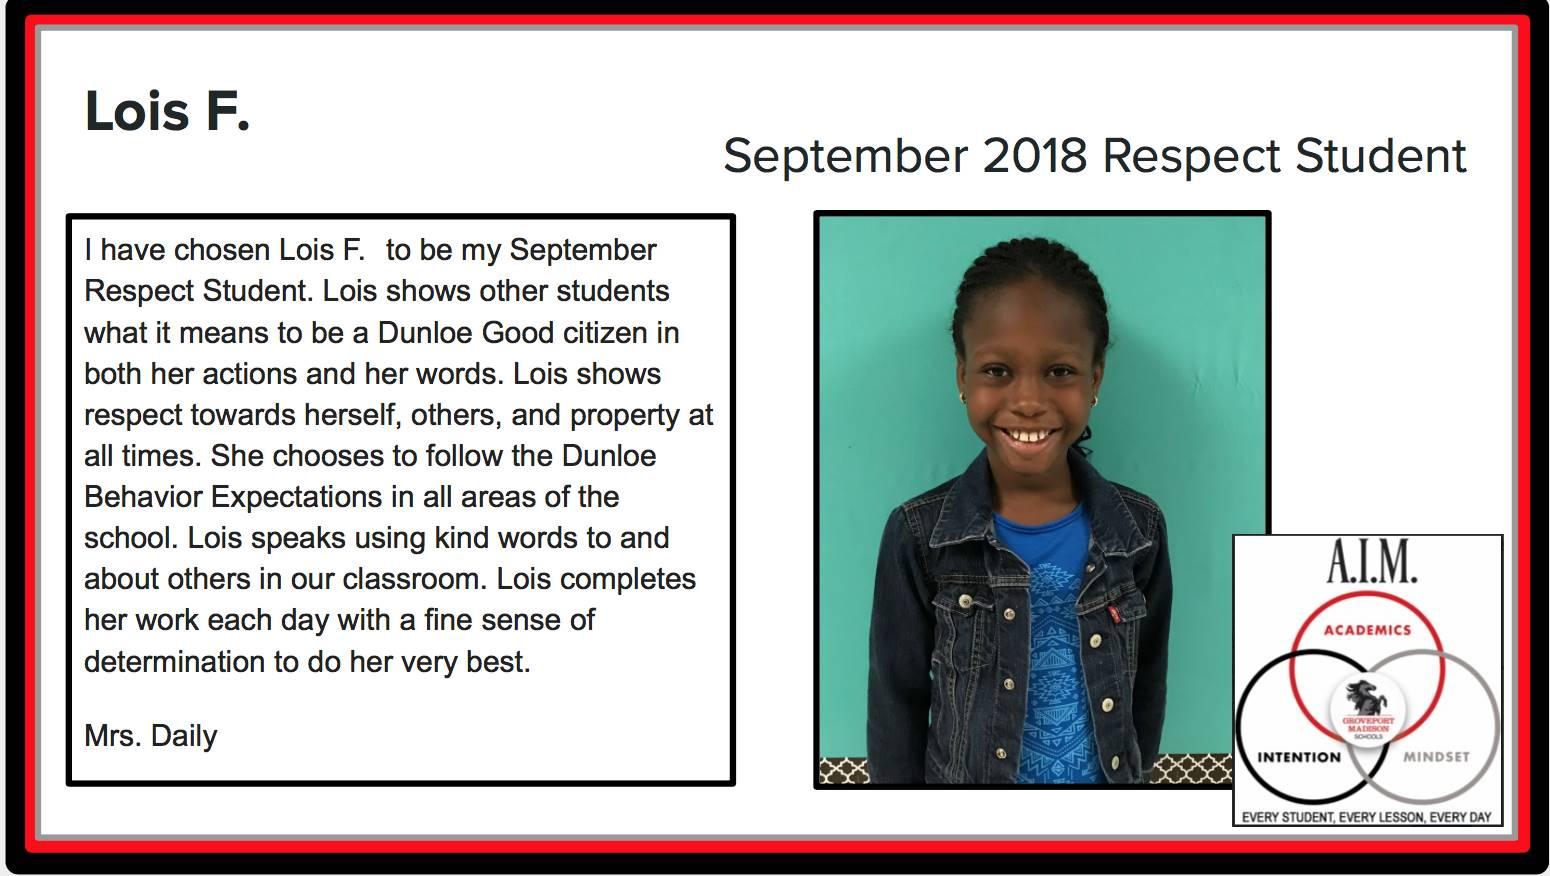 September Respect Student Lois